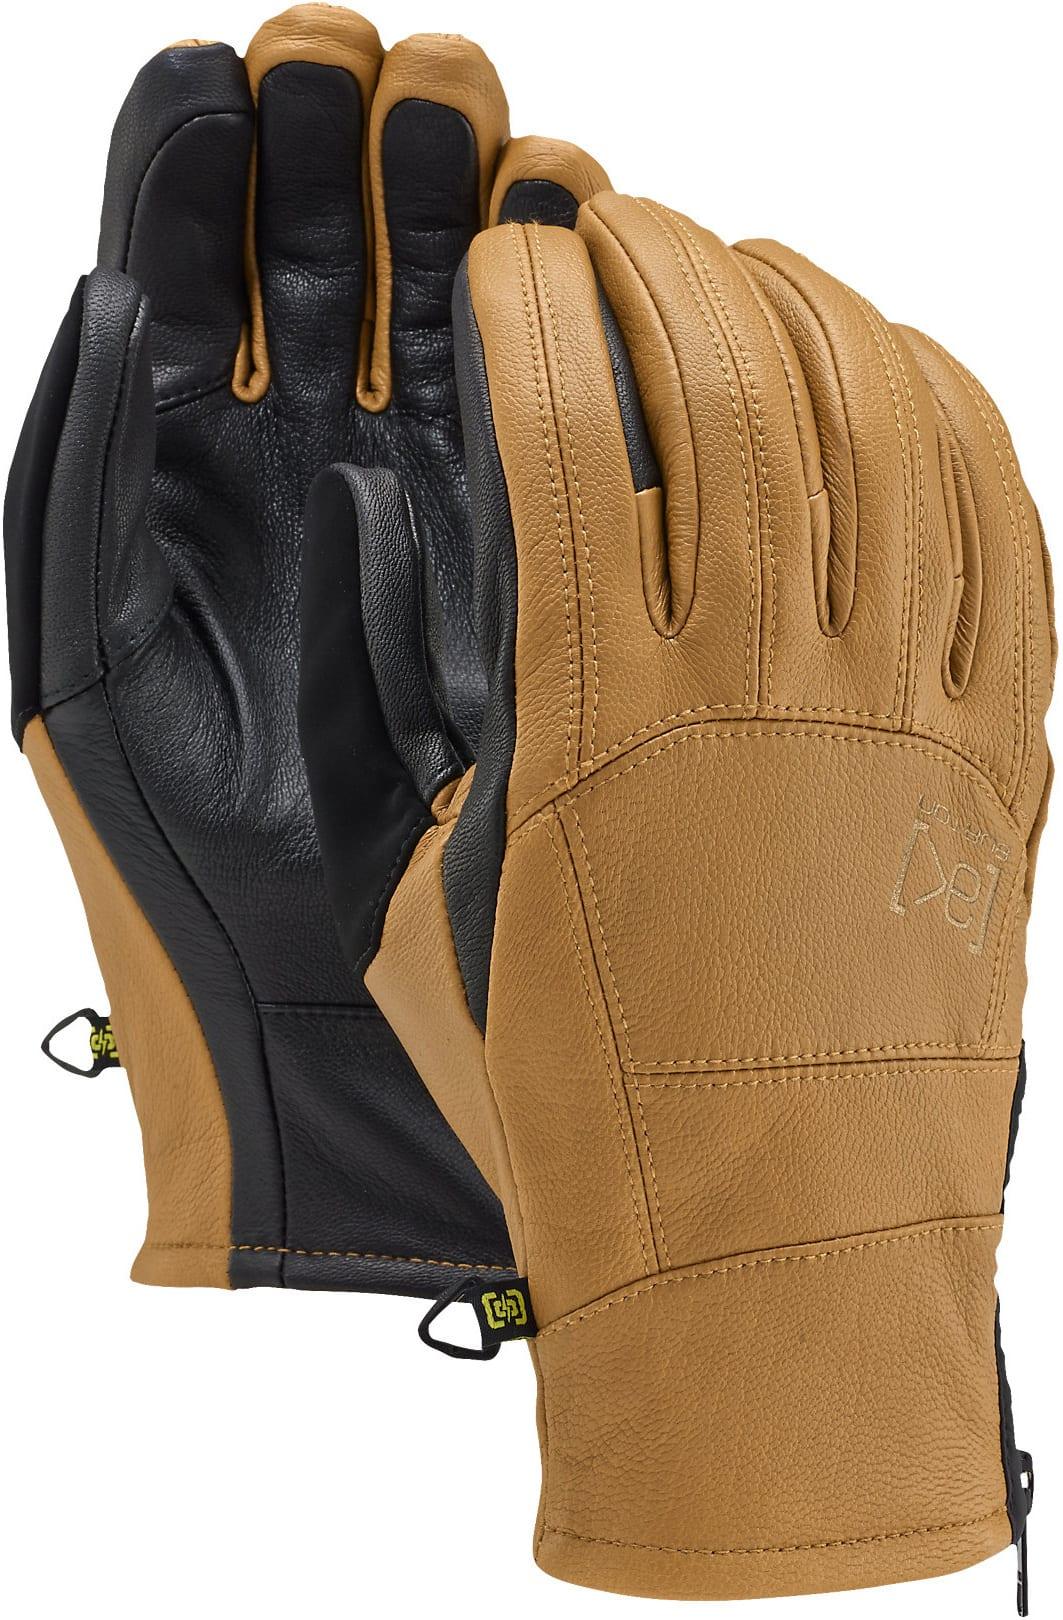 Mens ski gloves xl - Burton Ak Leather Tech Gloves